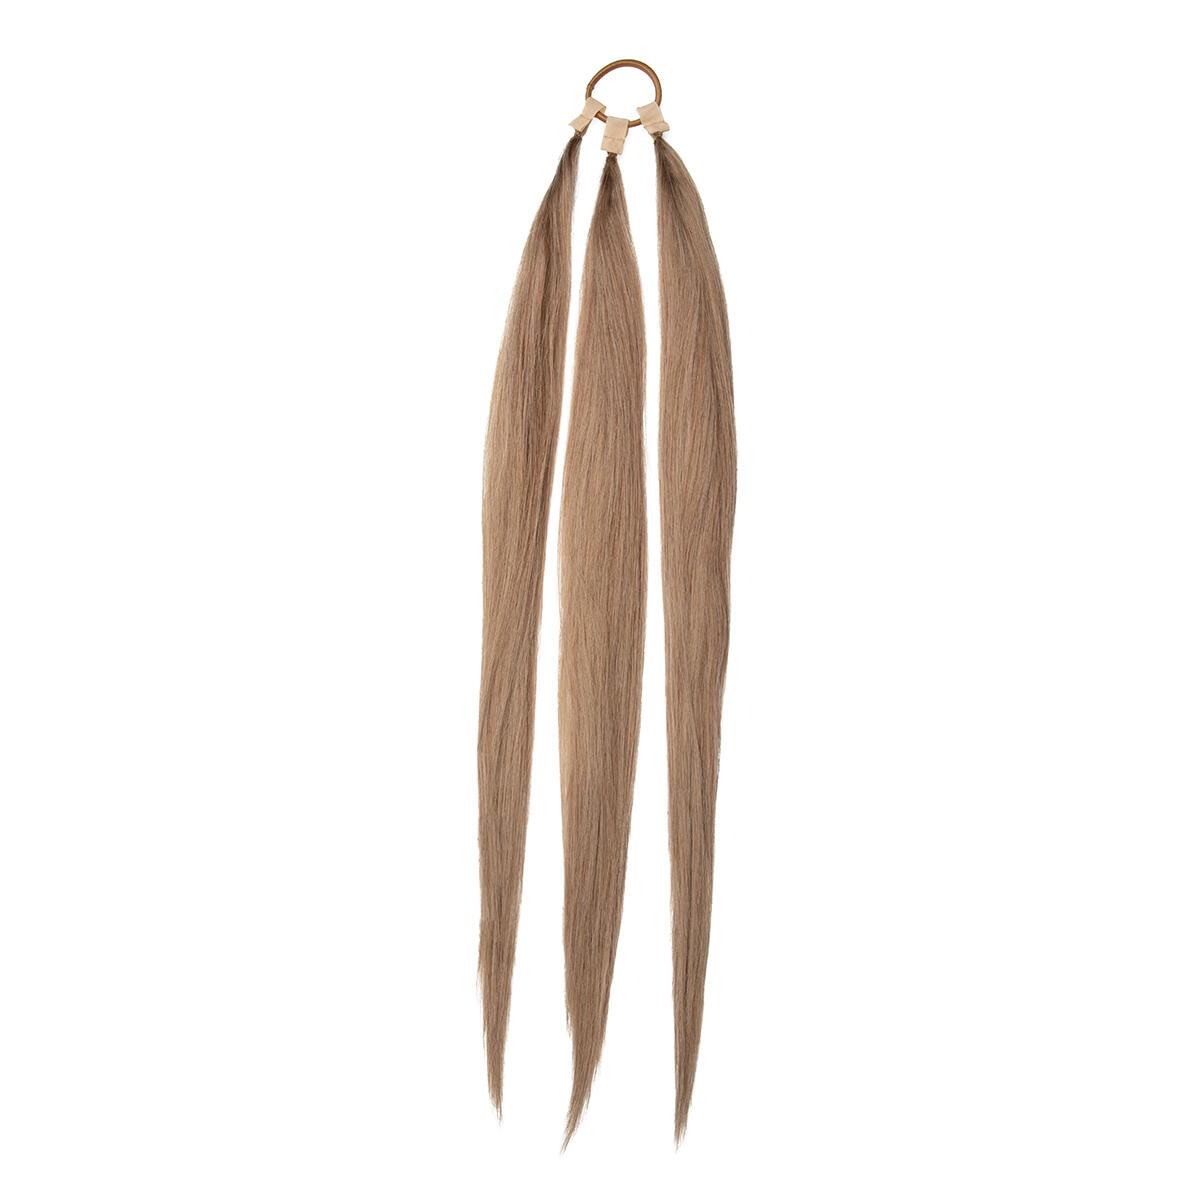 Easy Braid For voluminous braids 7.3 Cendre Ash 55 cm